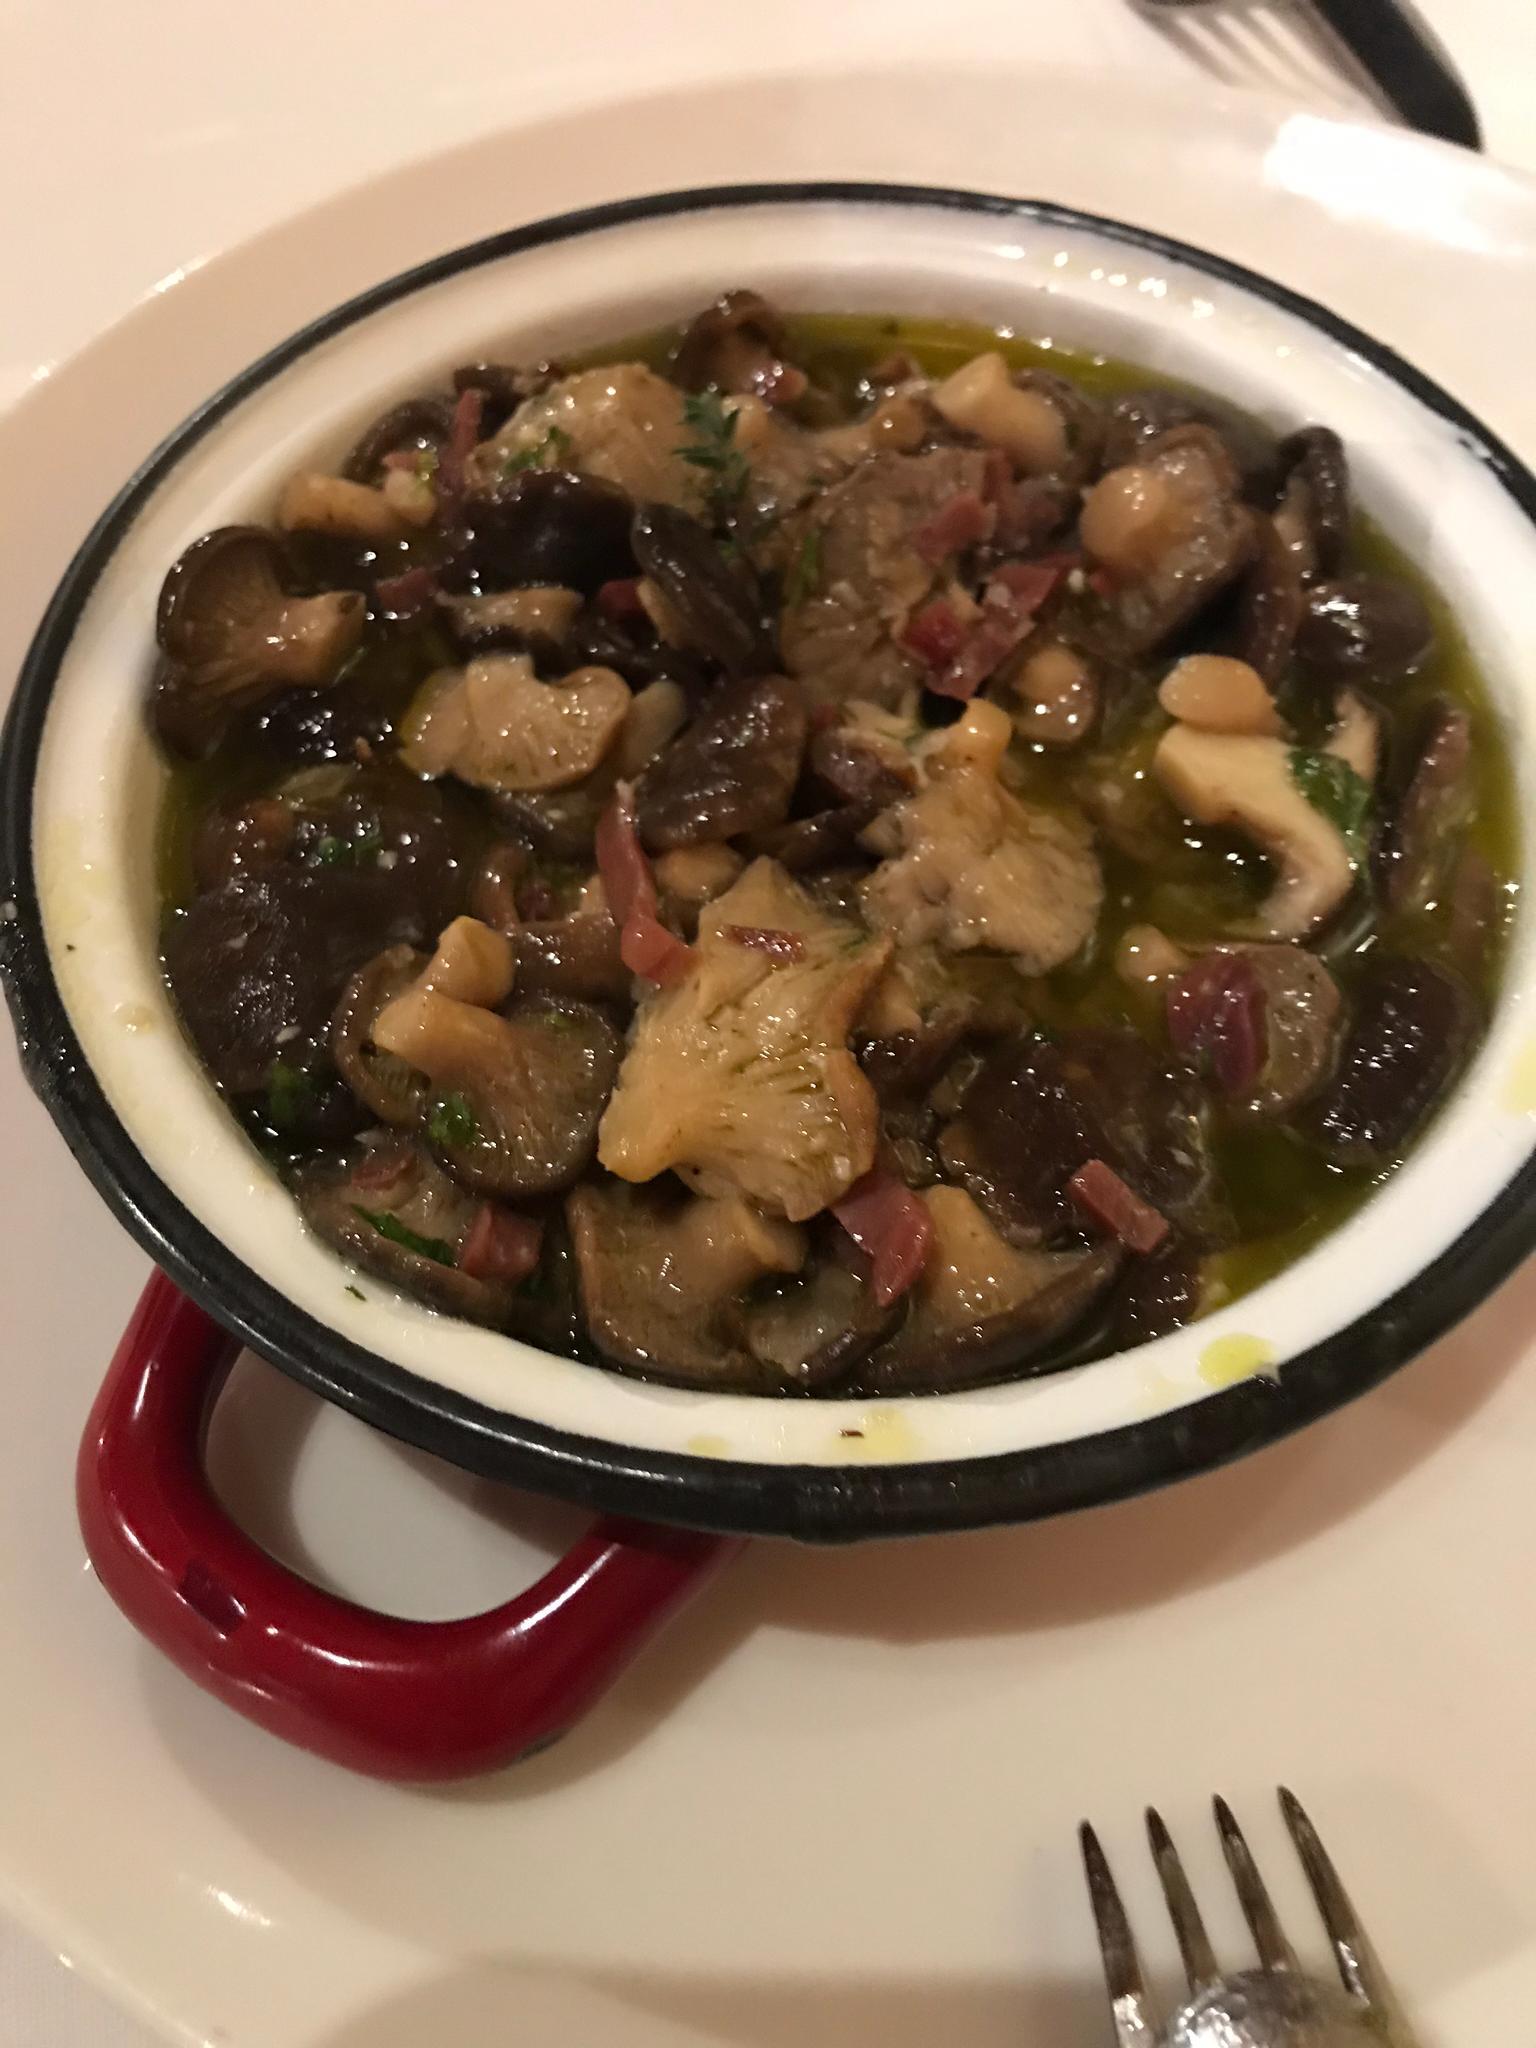 Reseñas gastronómicas: Visita al Restaurante Serrano de Astorga 3